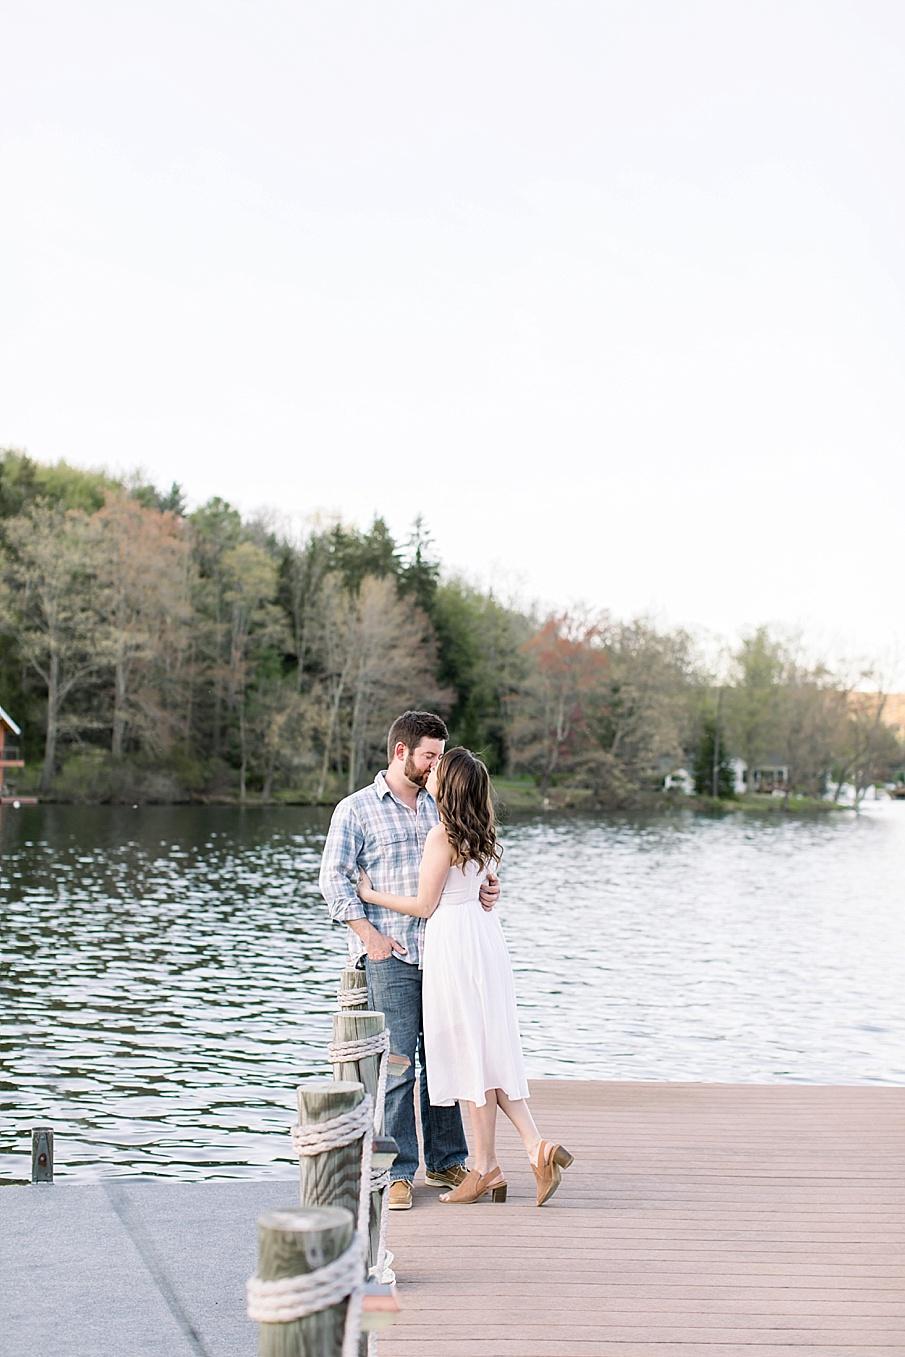 senecaryanco-syracuseweddingphotographer-syracuse-centralnewyork-skaneateles-brackney-quakerlake-binghamton-wedding-lake-engagementphotos_0027.jpg